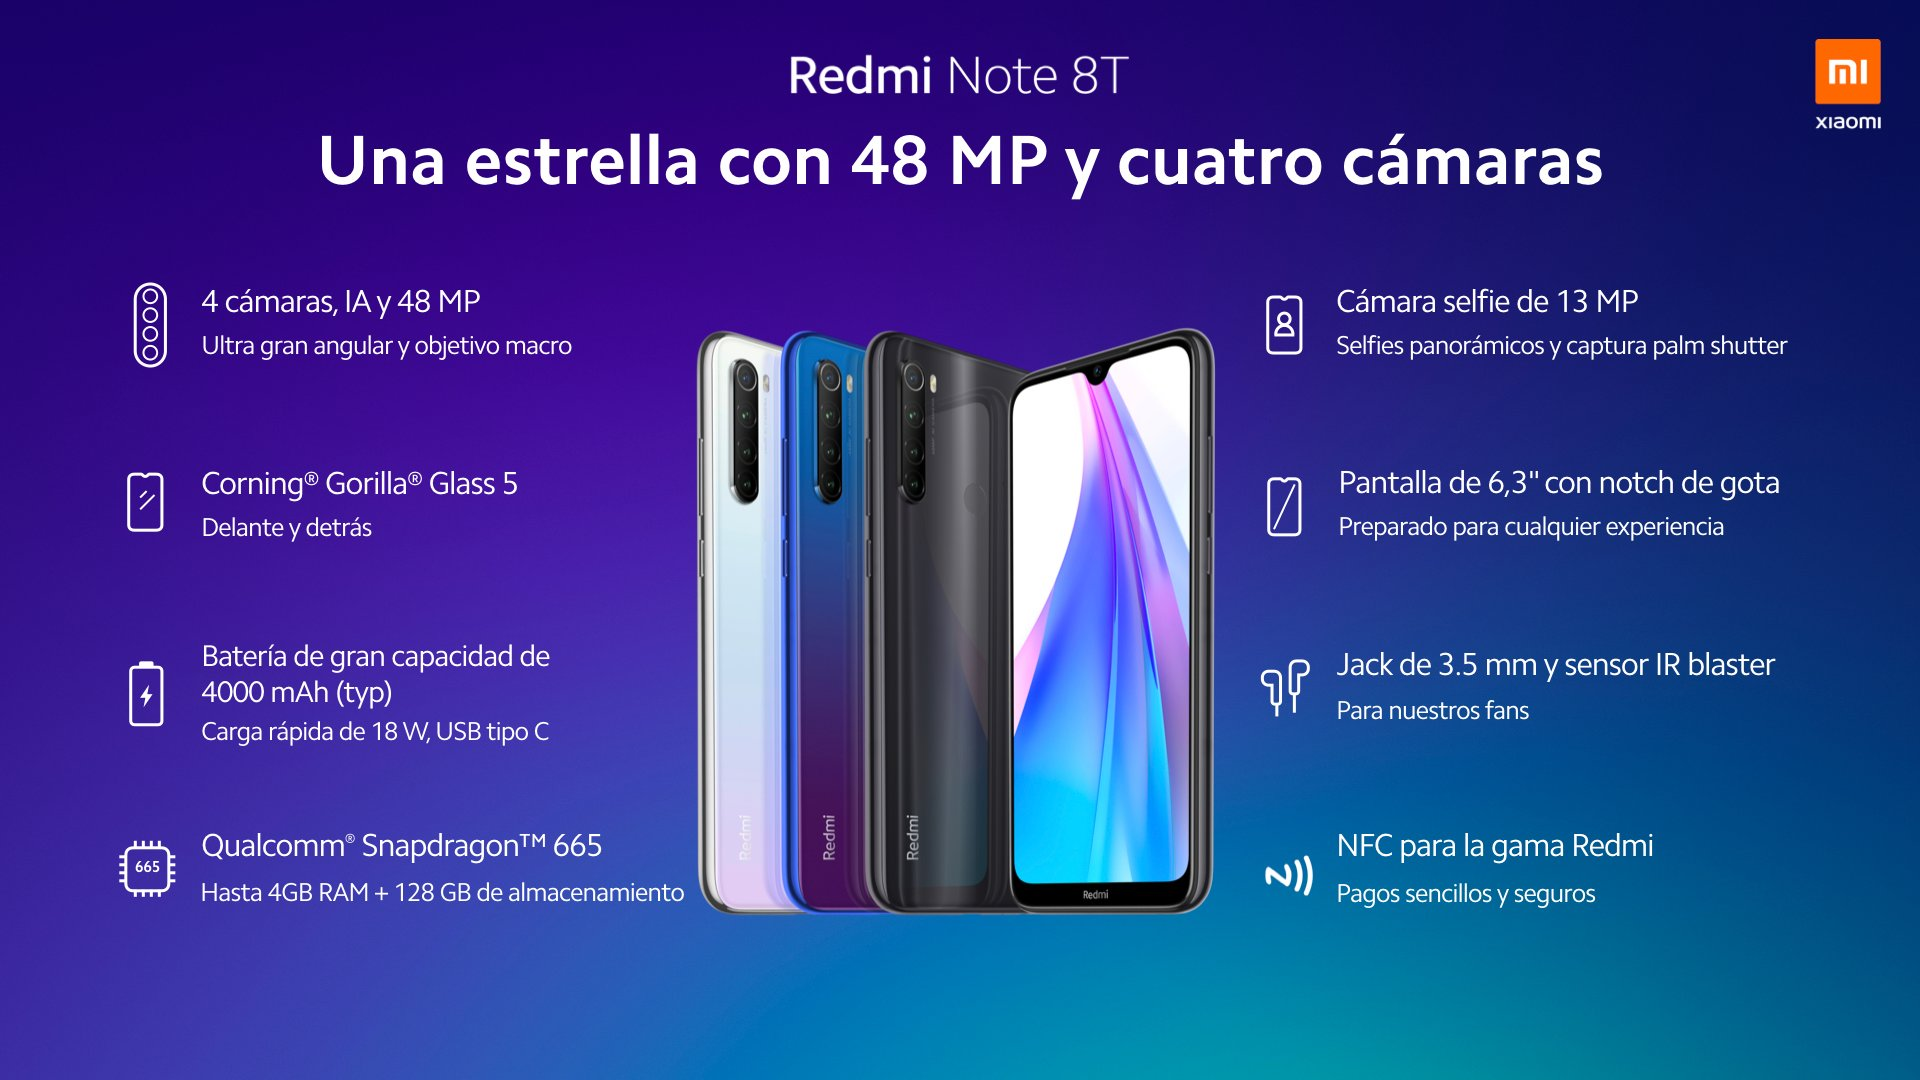 Nuevo Redmi Note 8T, características, especificaciones y precio. Noticias Xiaomi Adictos